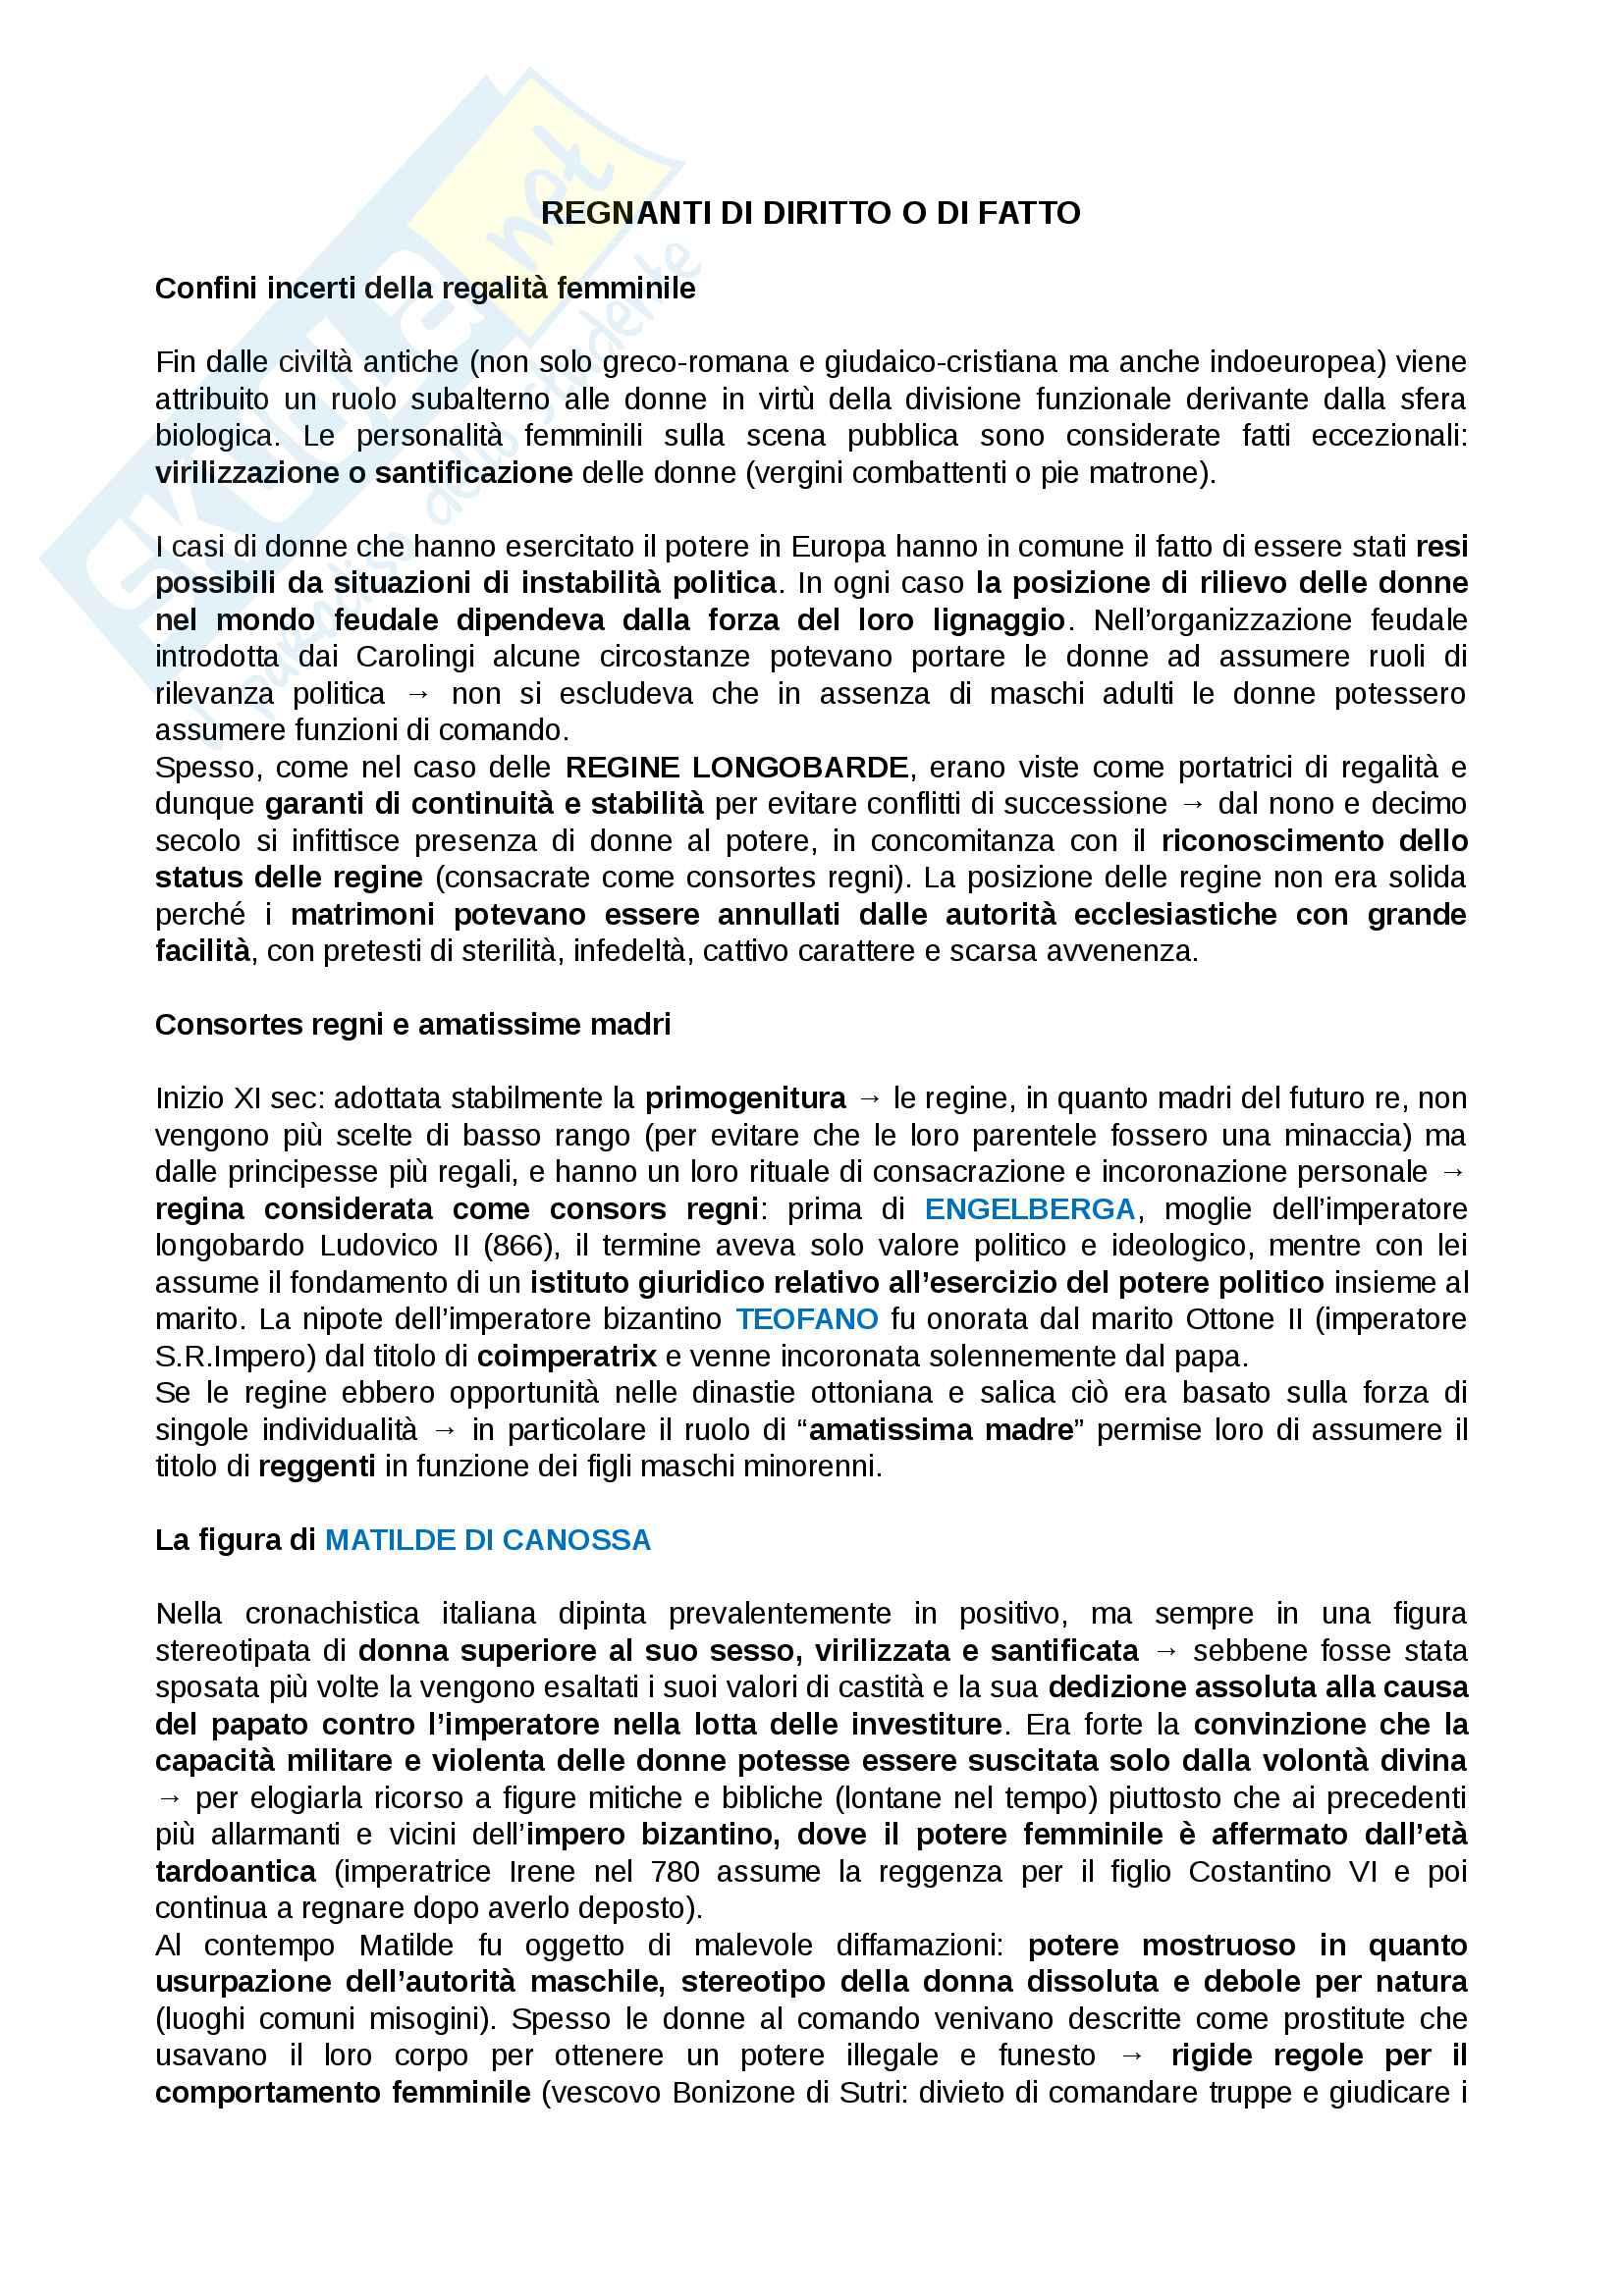 Riassunto esame storia culturale, prof Negruzzo, libro consigliato Regine per caso, donne al governo in età moderna, Casanova